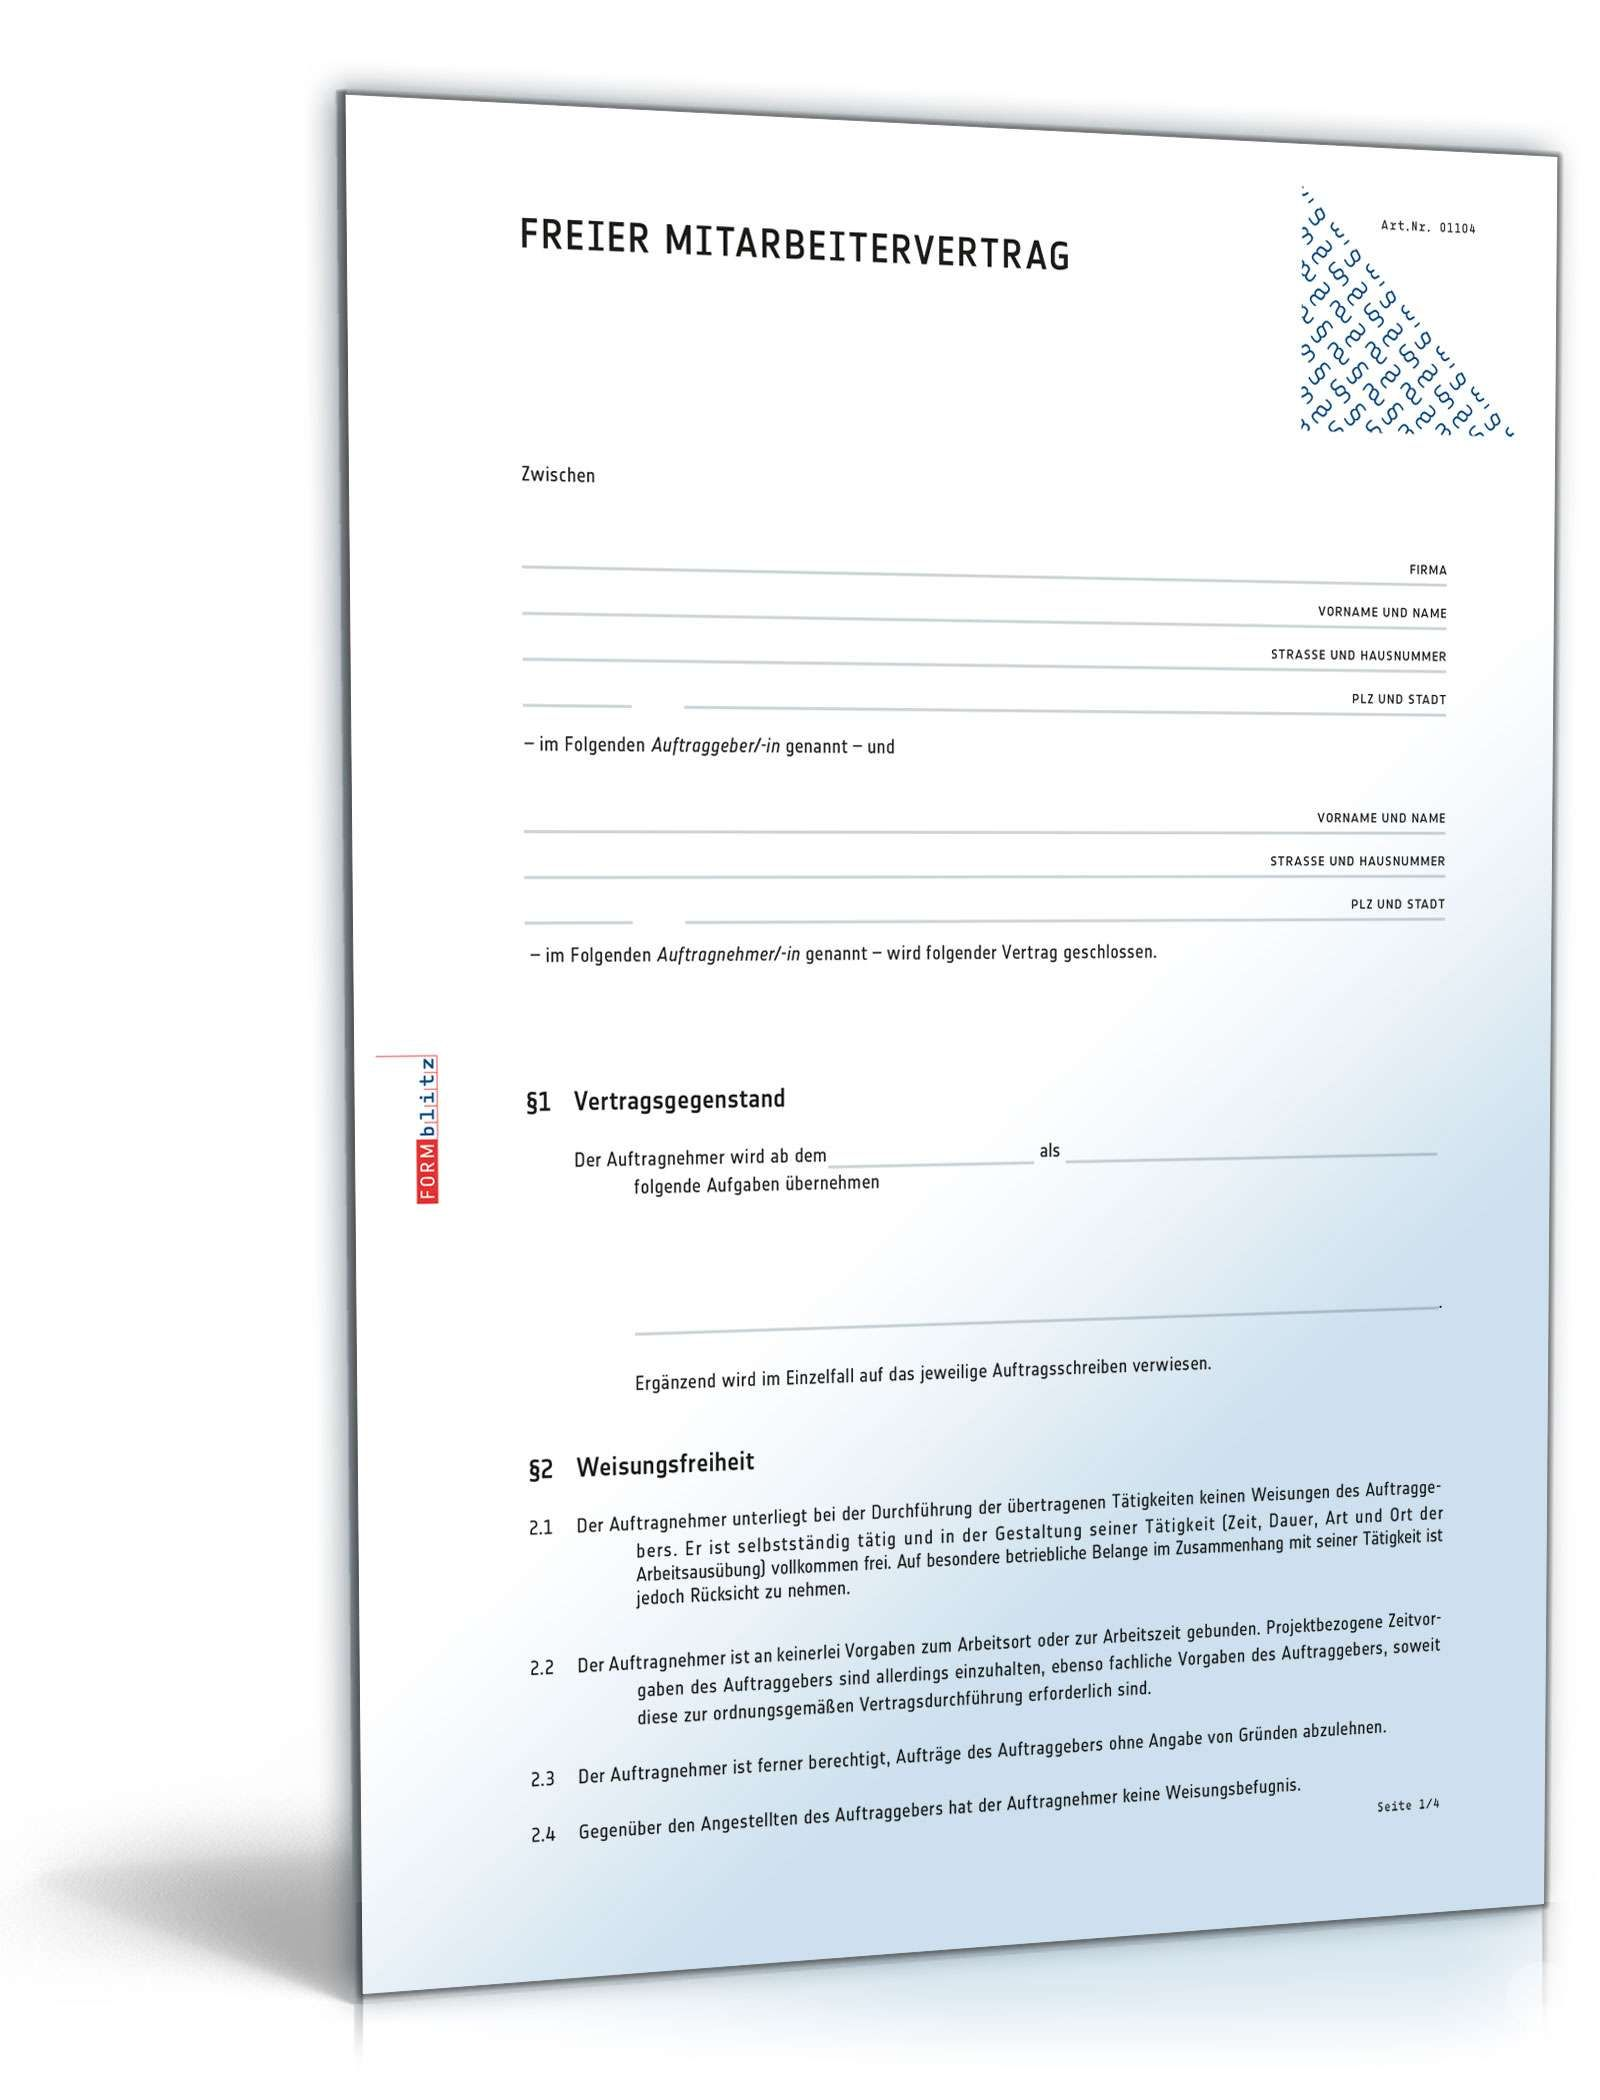 Einfacher Aufhebungsvertrag Vorlage Kostenlos 12